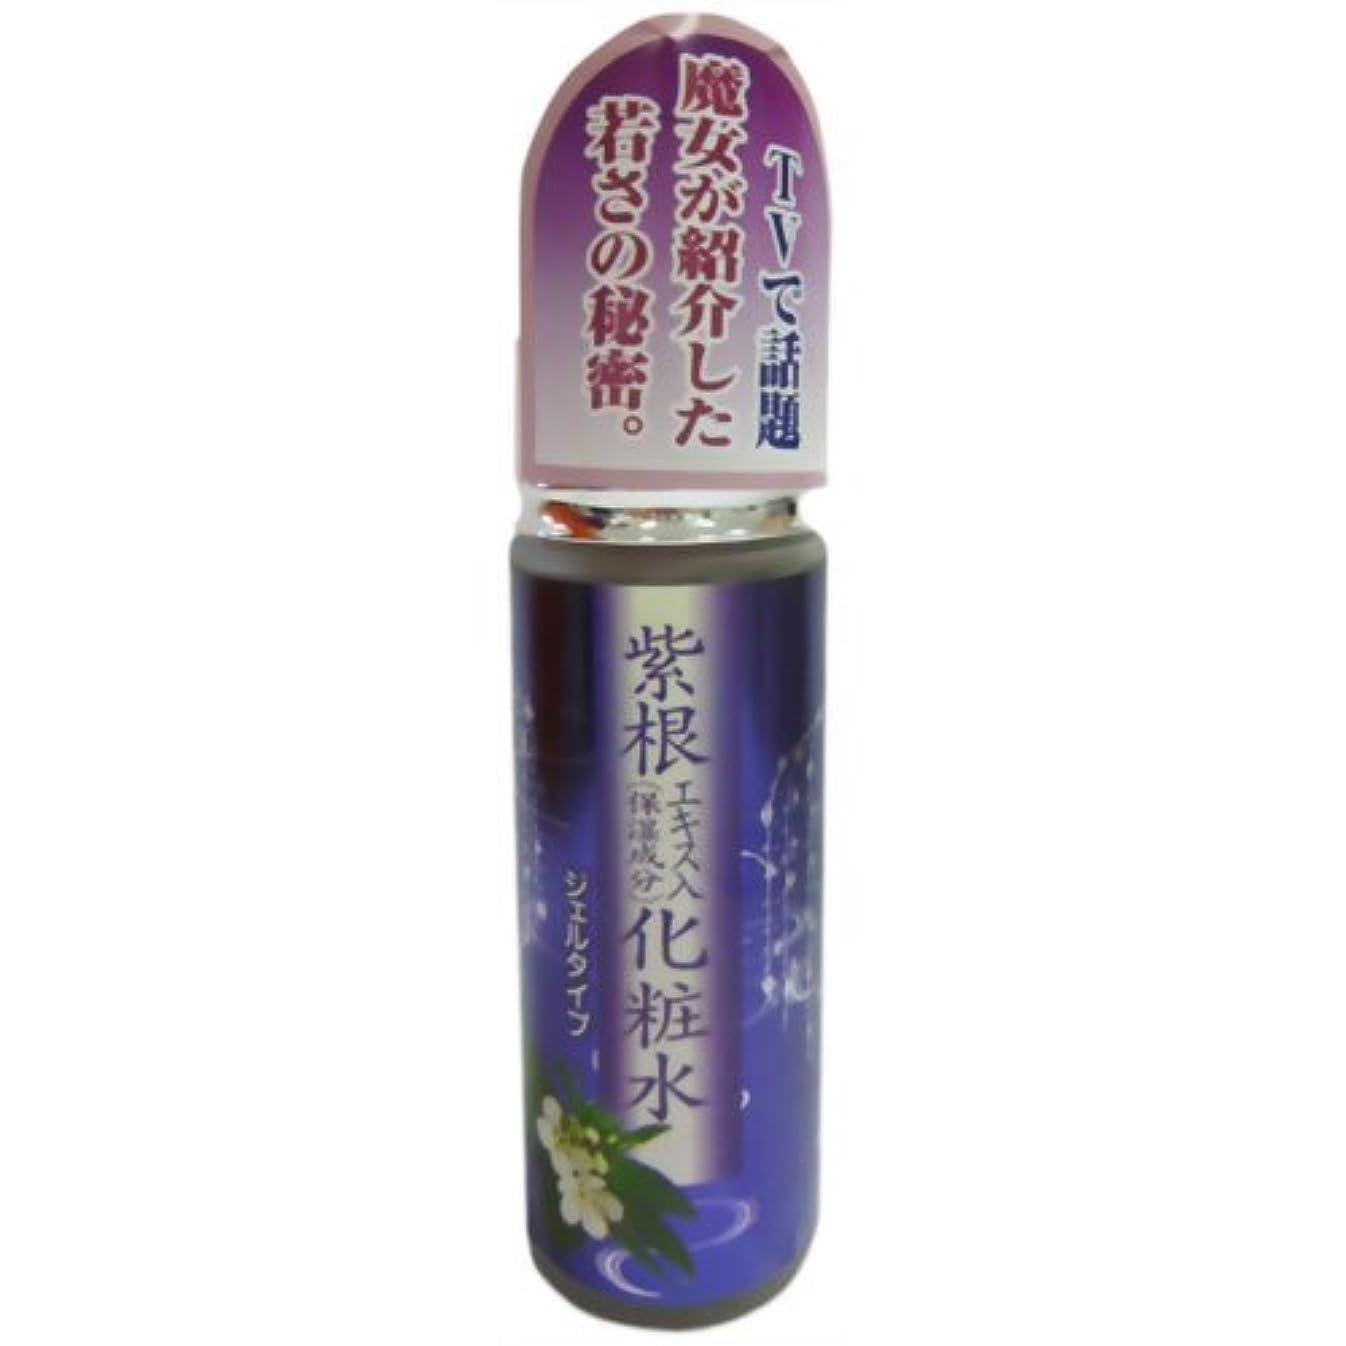 測定可能マーキングバース紫根ジェルローション 120ml